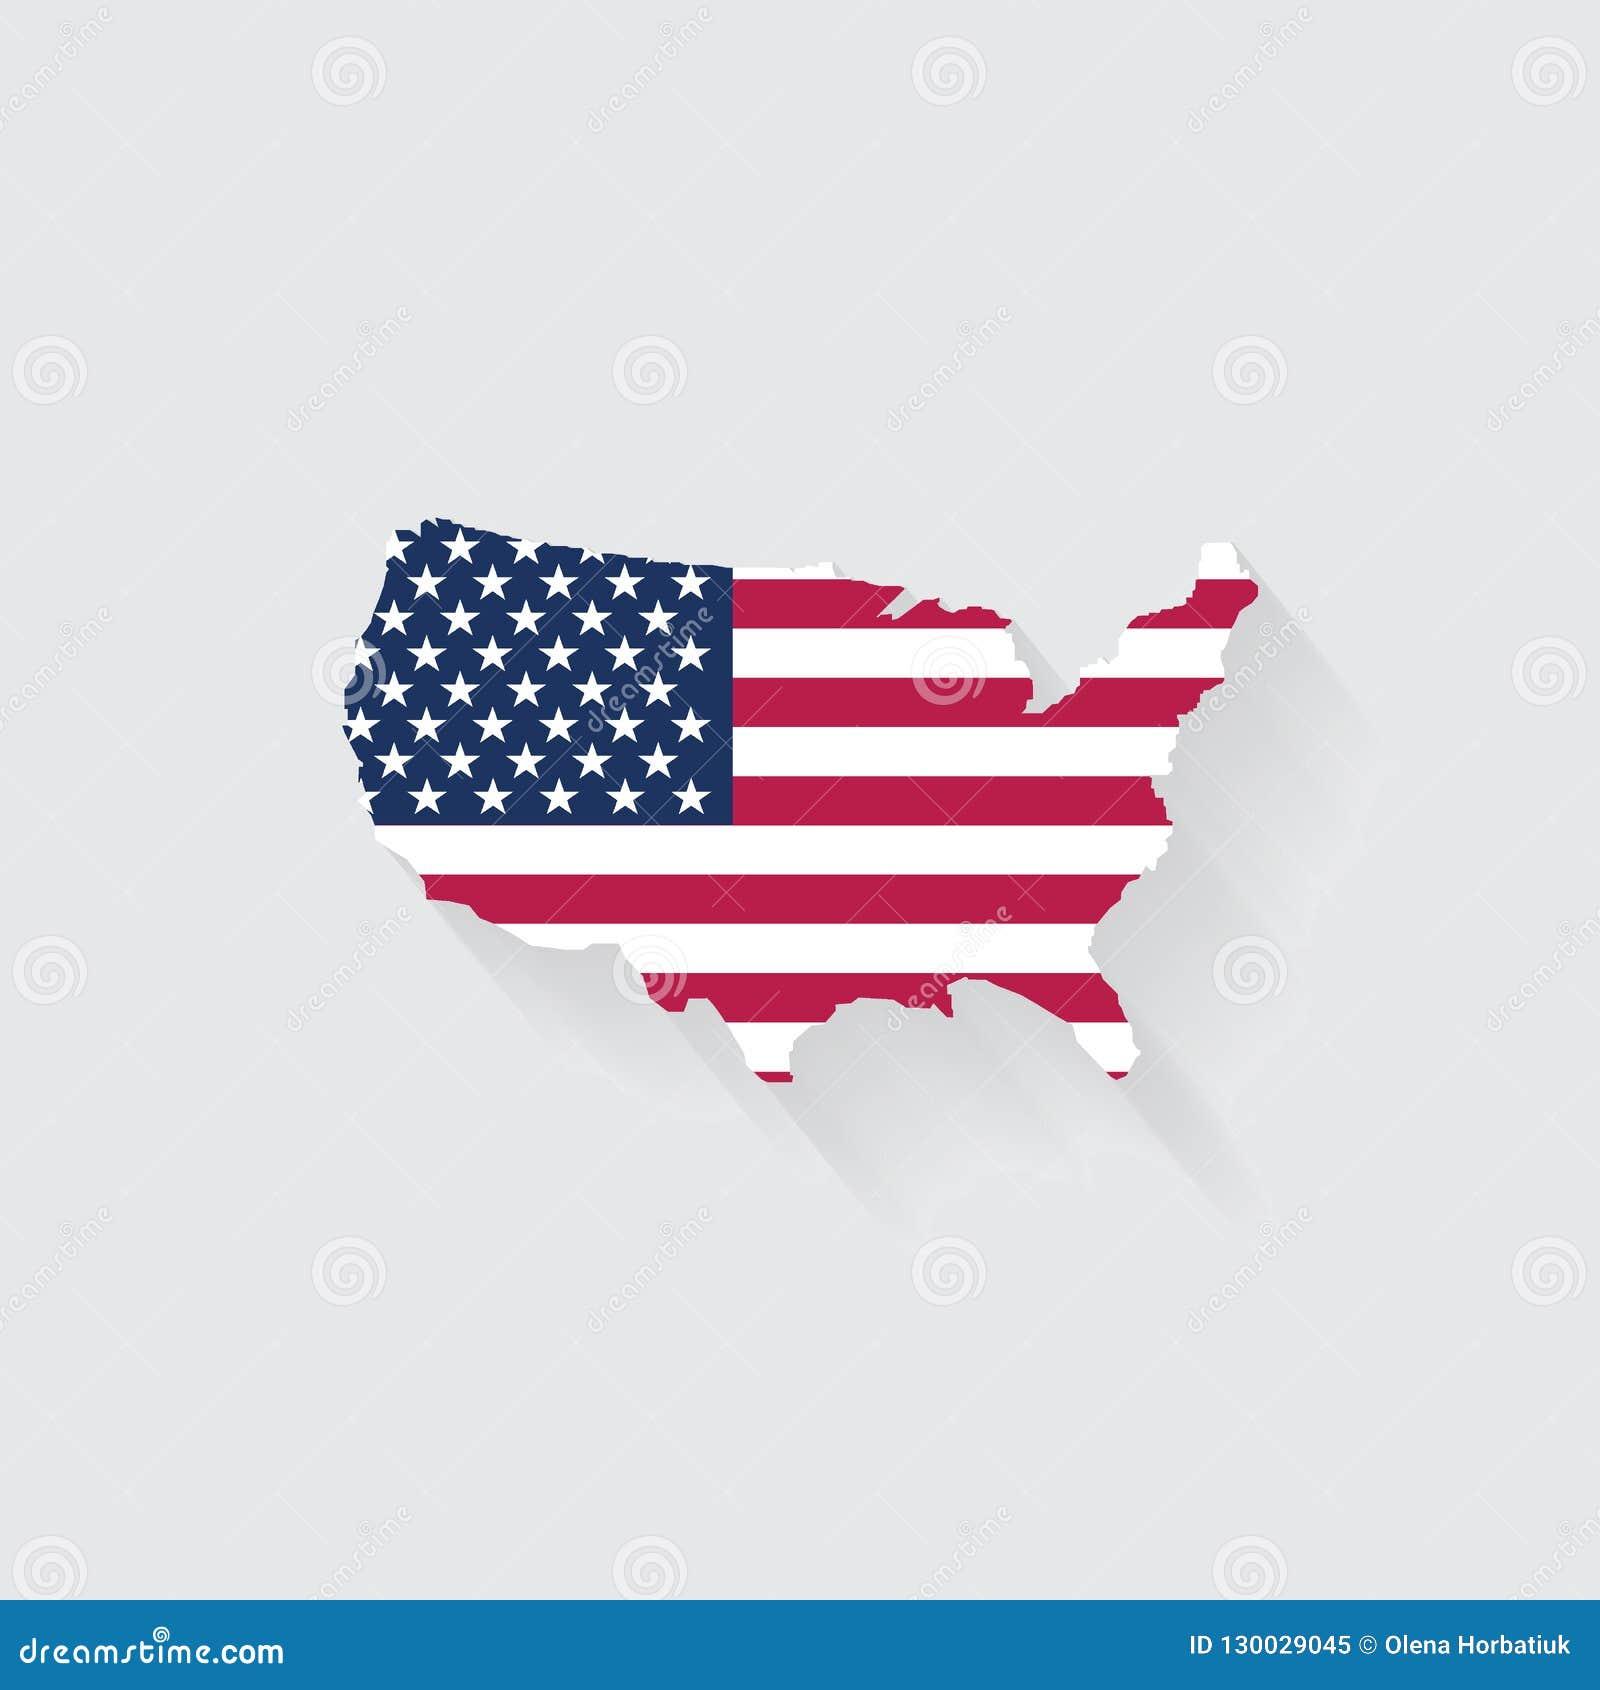 Het concept van de V.S. door kaart en vlagpictogram wordt vertegenwoordigd dat geïsoleerd en F